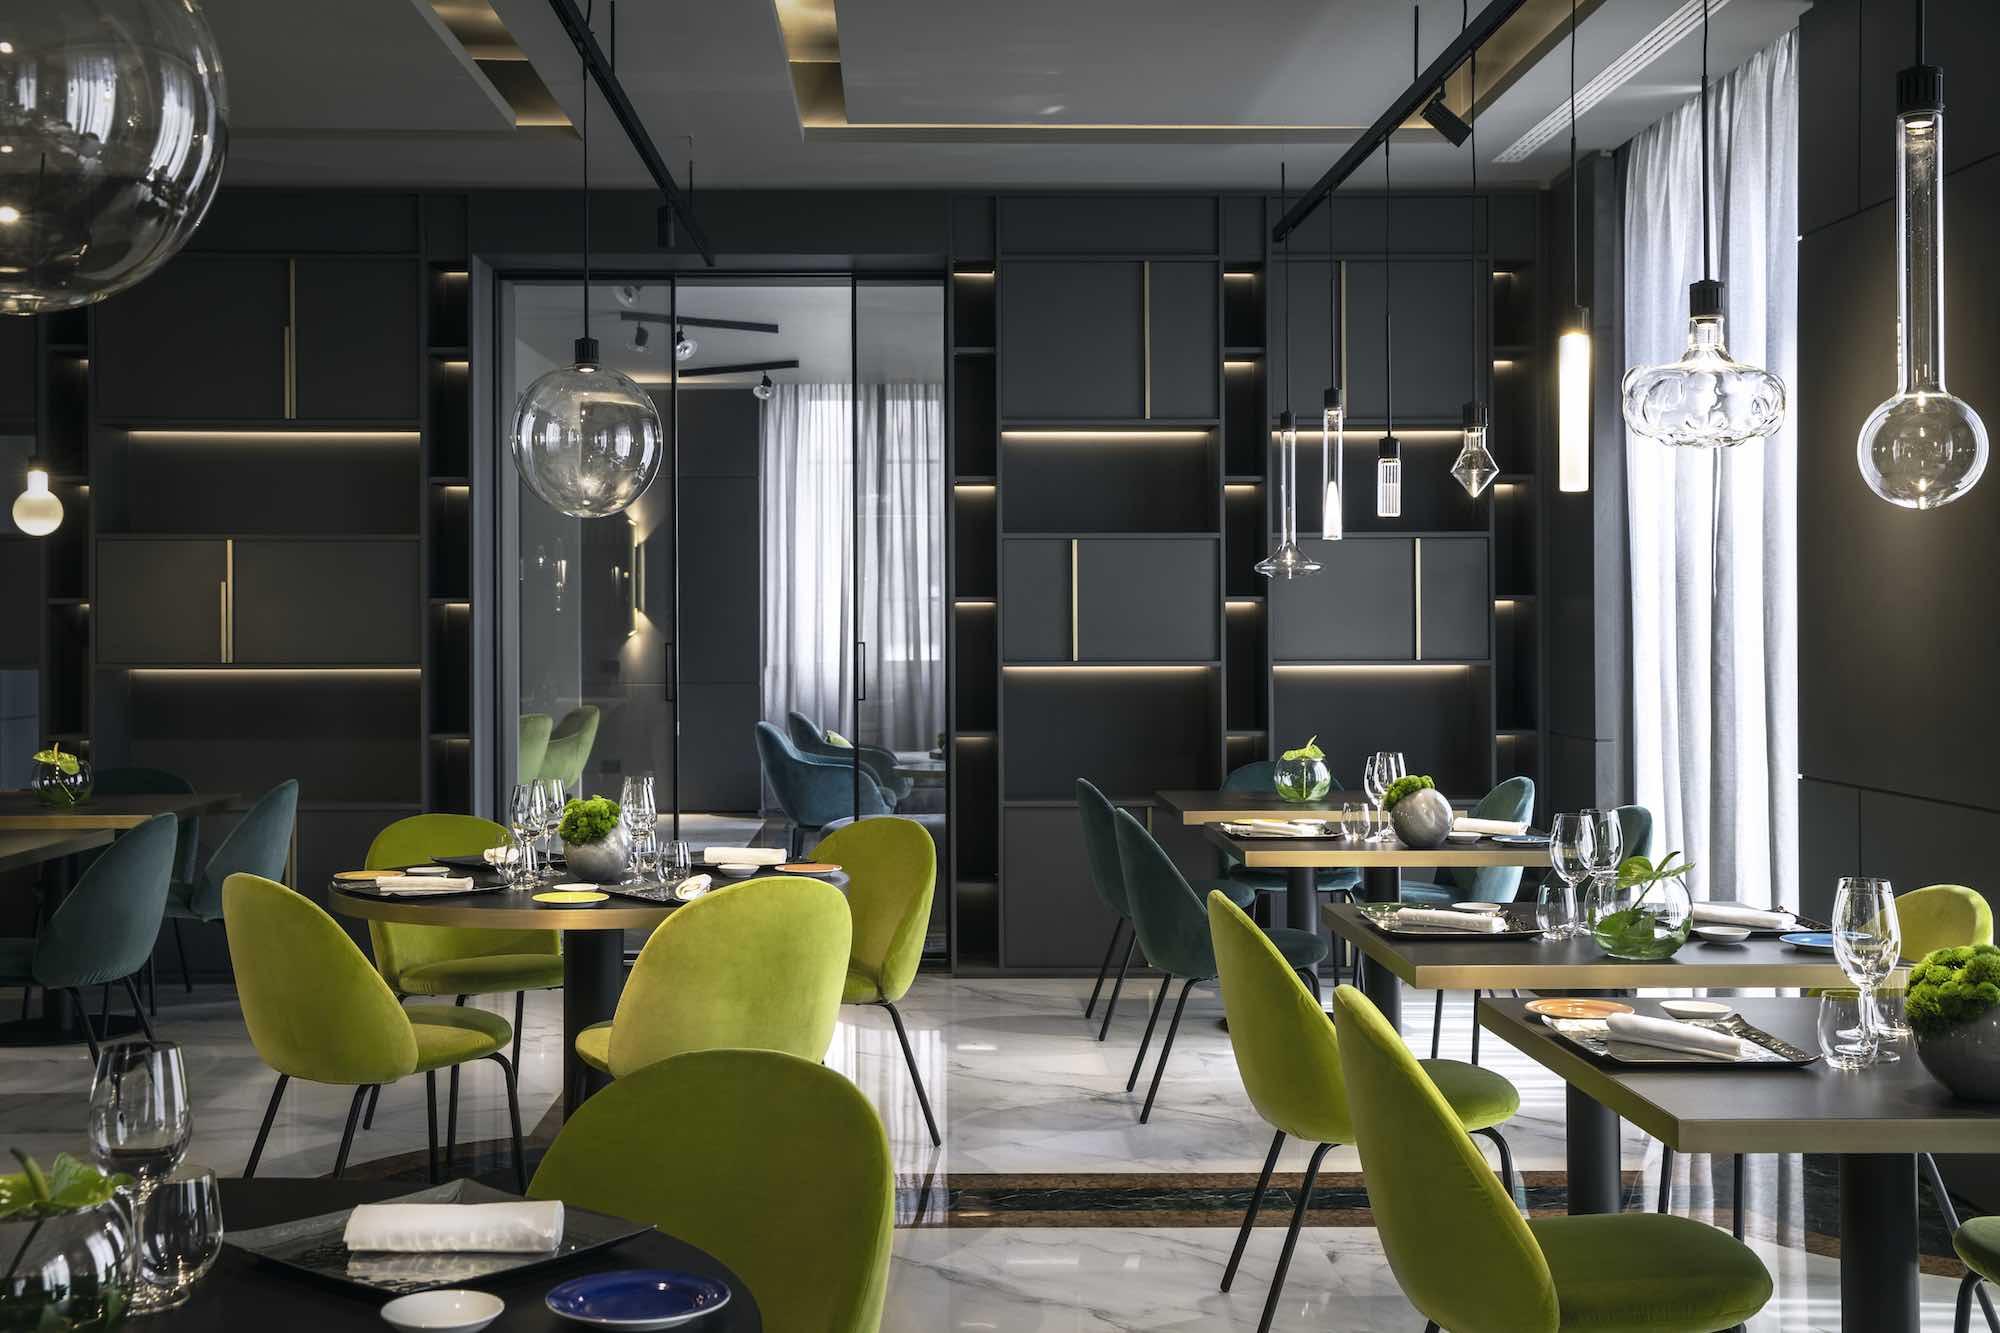 Interno del ristorante Lunasia, Una stella Michelin, a Viareggio